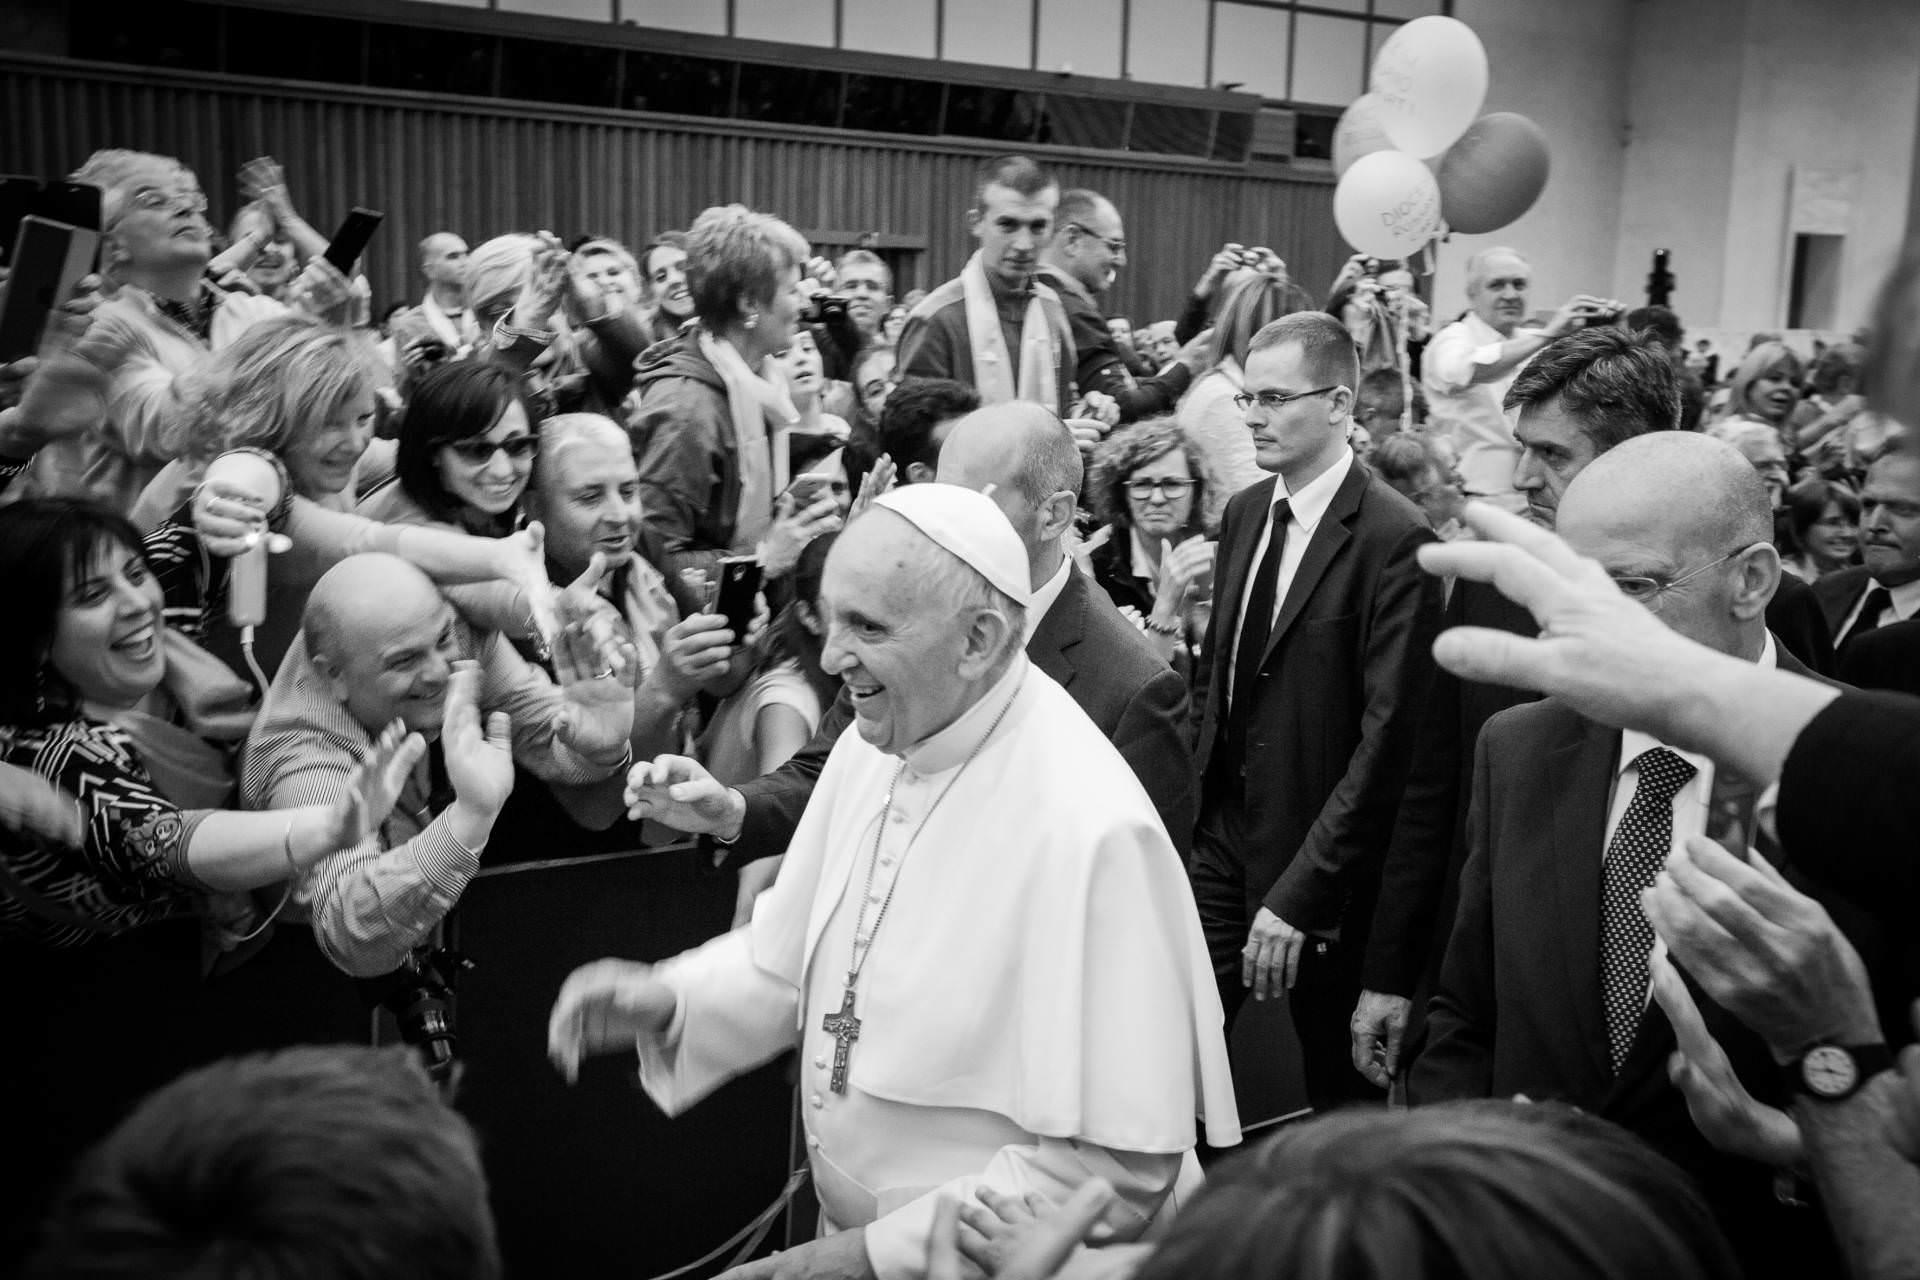 Celebramos 6 anos da canonização de São João Paulo II e São João XXIII